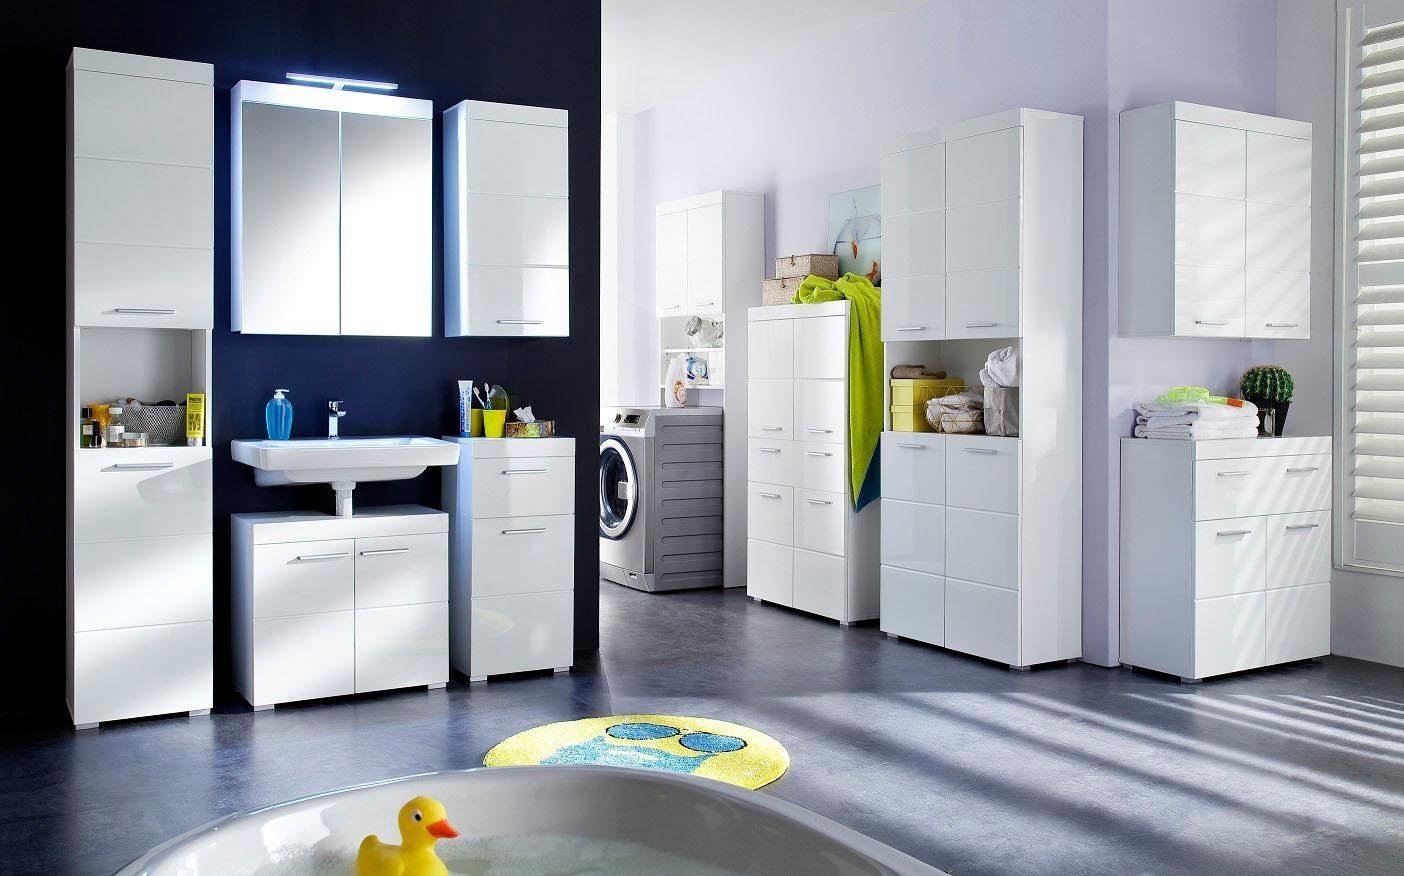 Kast Voor Wasmachine : Wasmachine wegwerken stunning de afvoer van de wasmachine moet